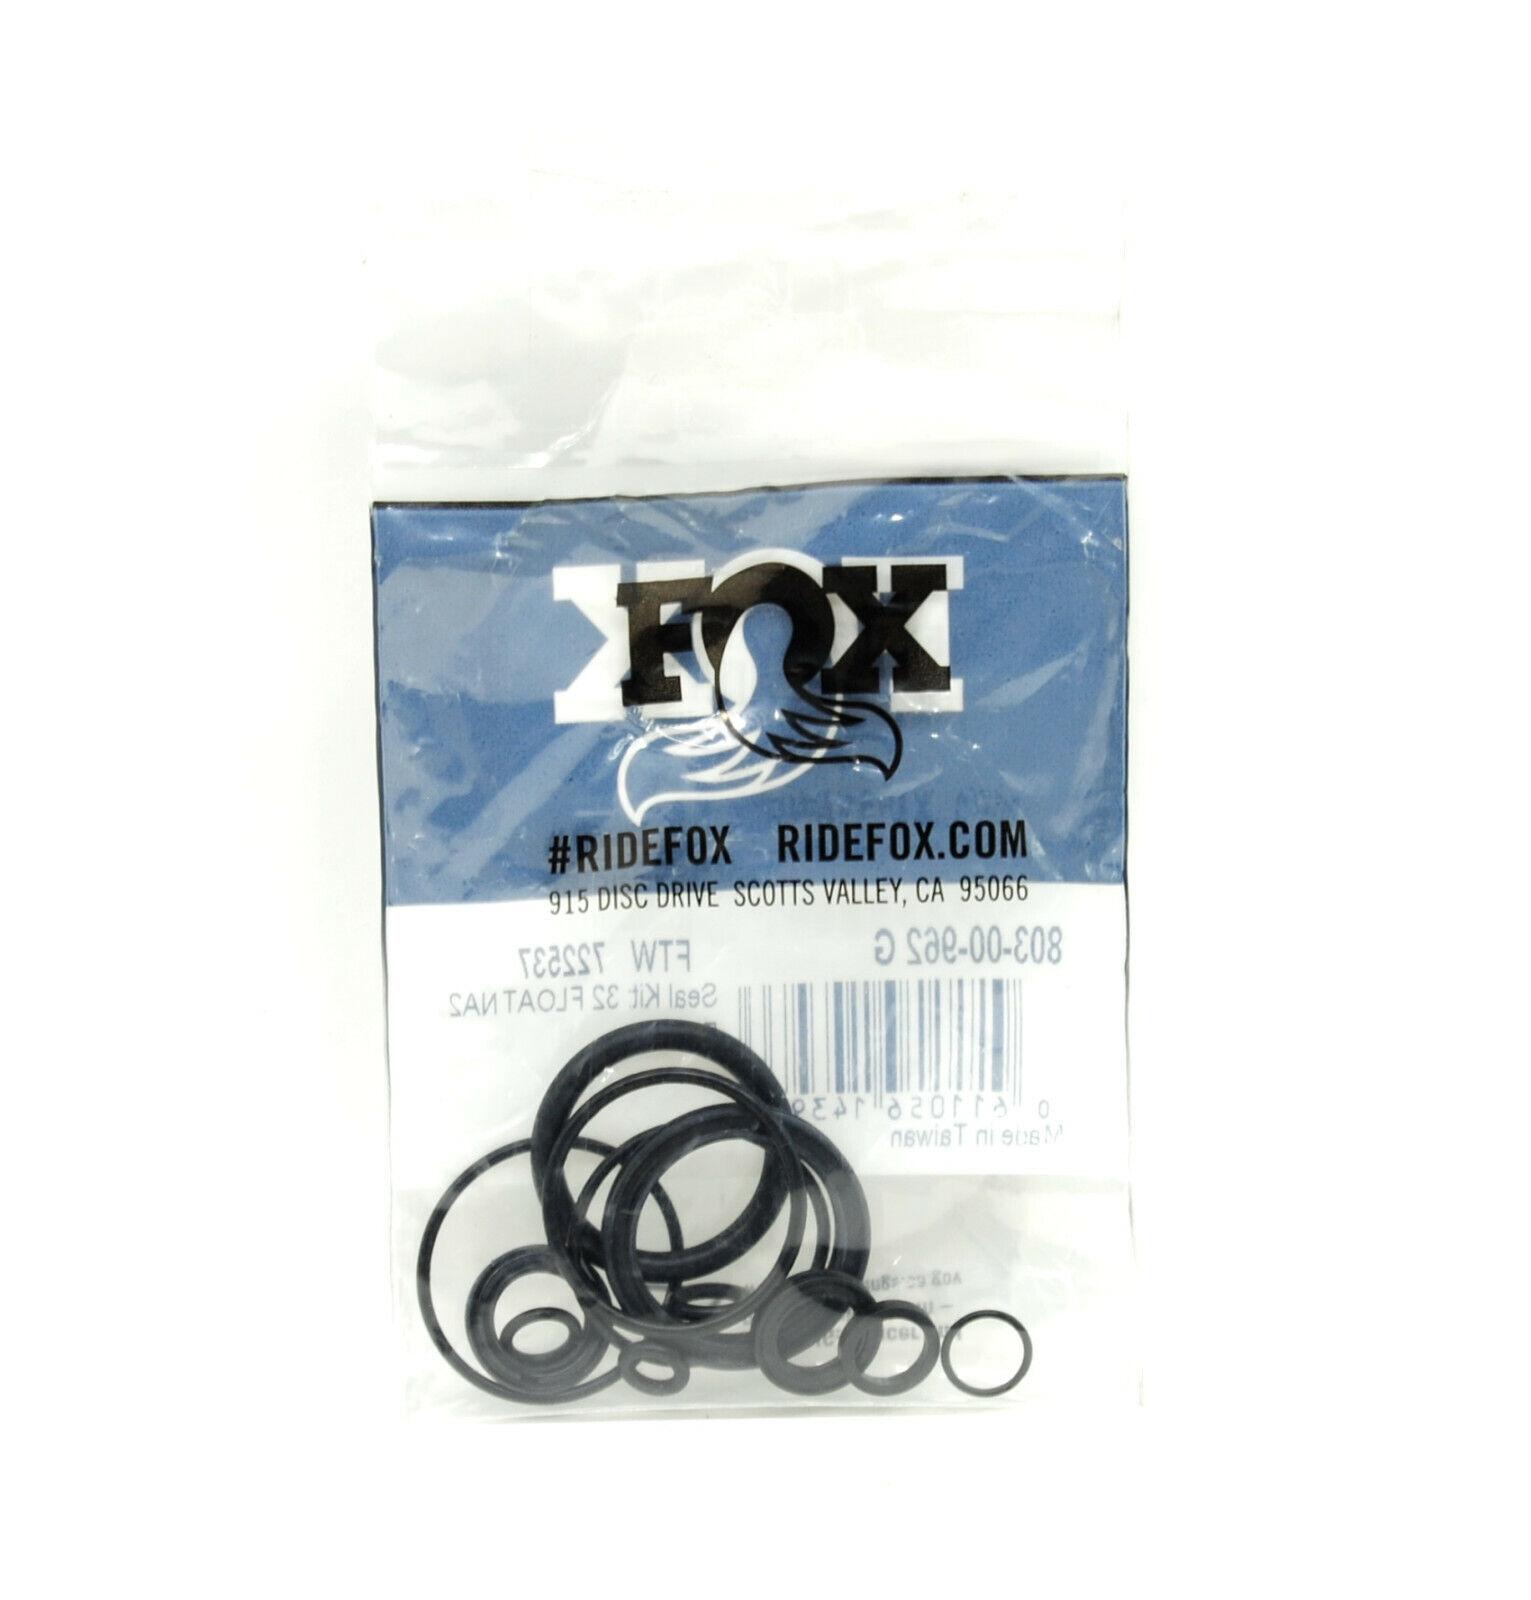 New Fox Seal Kit for 36//40 mm FIT4 Damper Forks